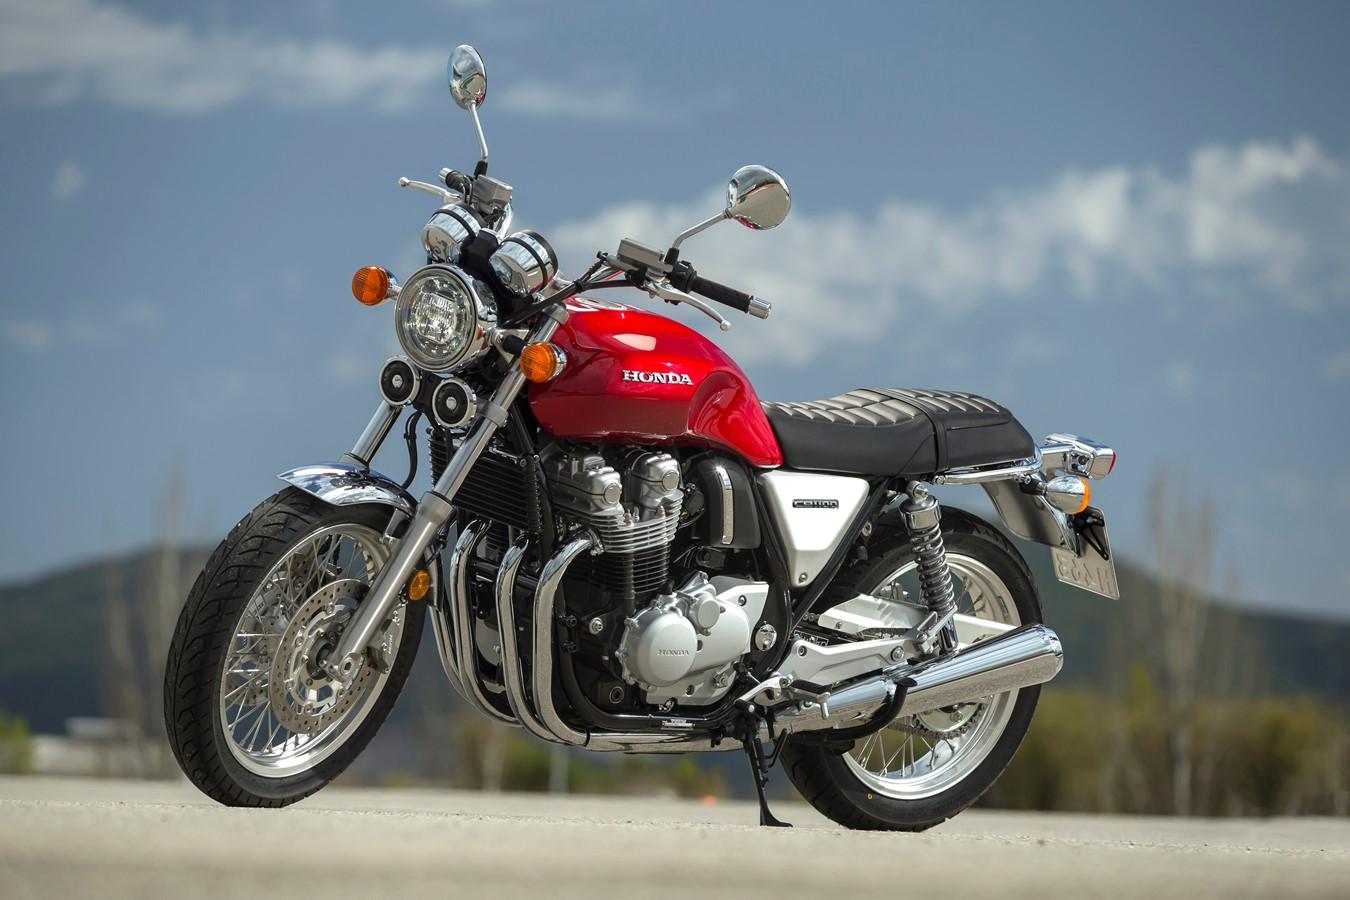 2017 Cb1100 Ex Honda Cb750 Engine Cutaway